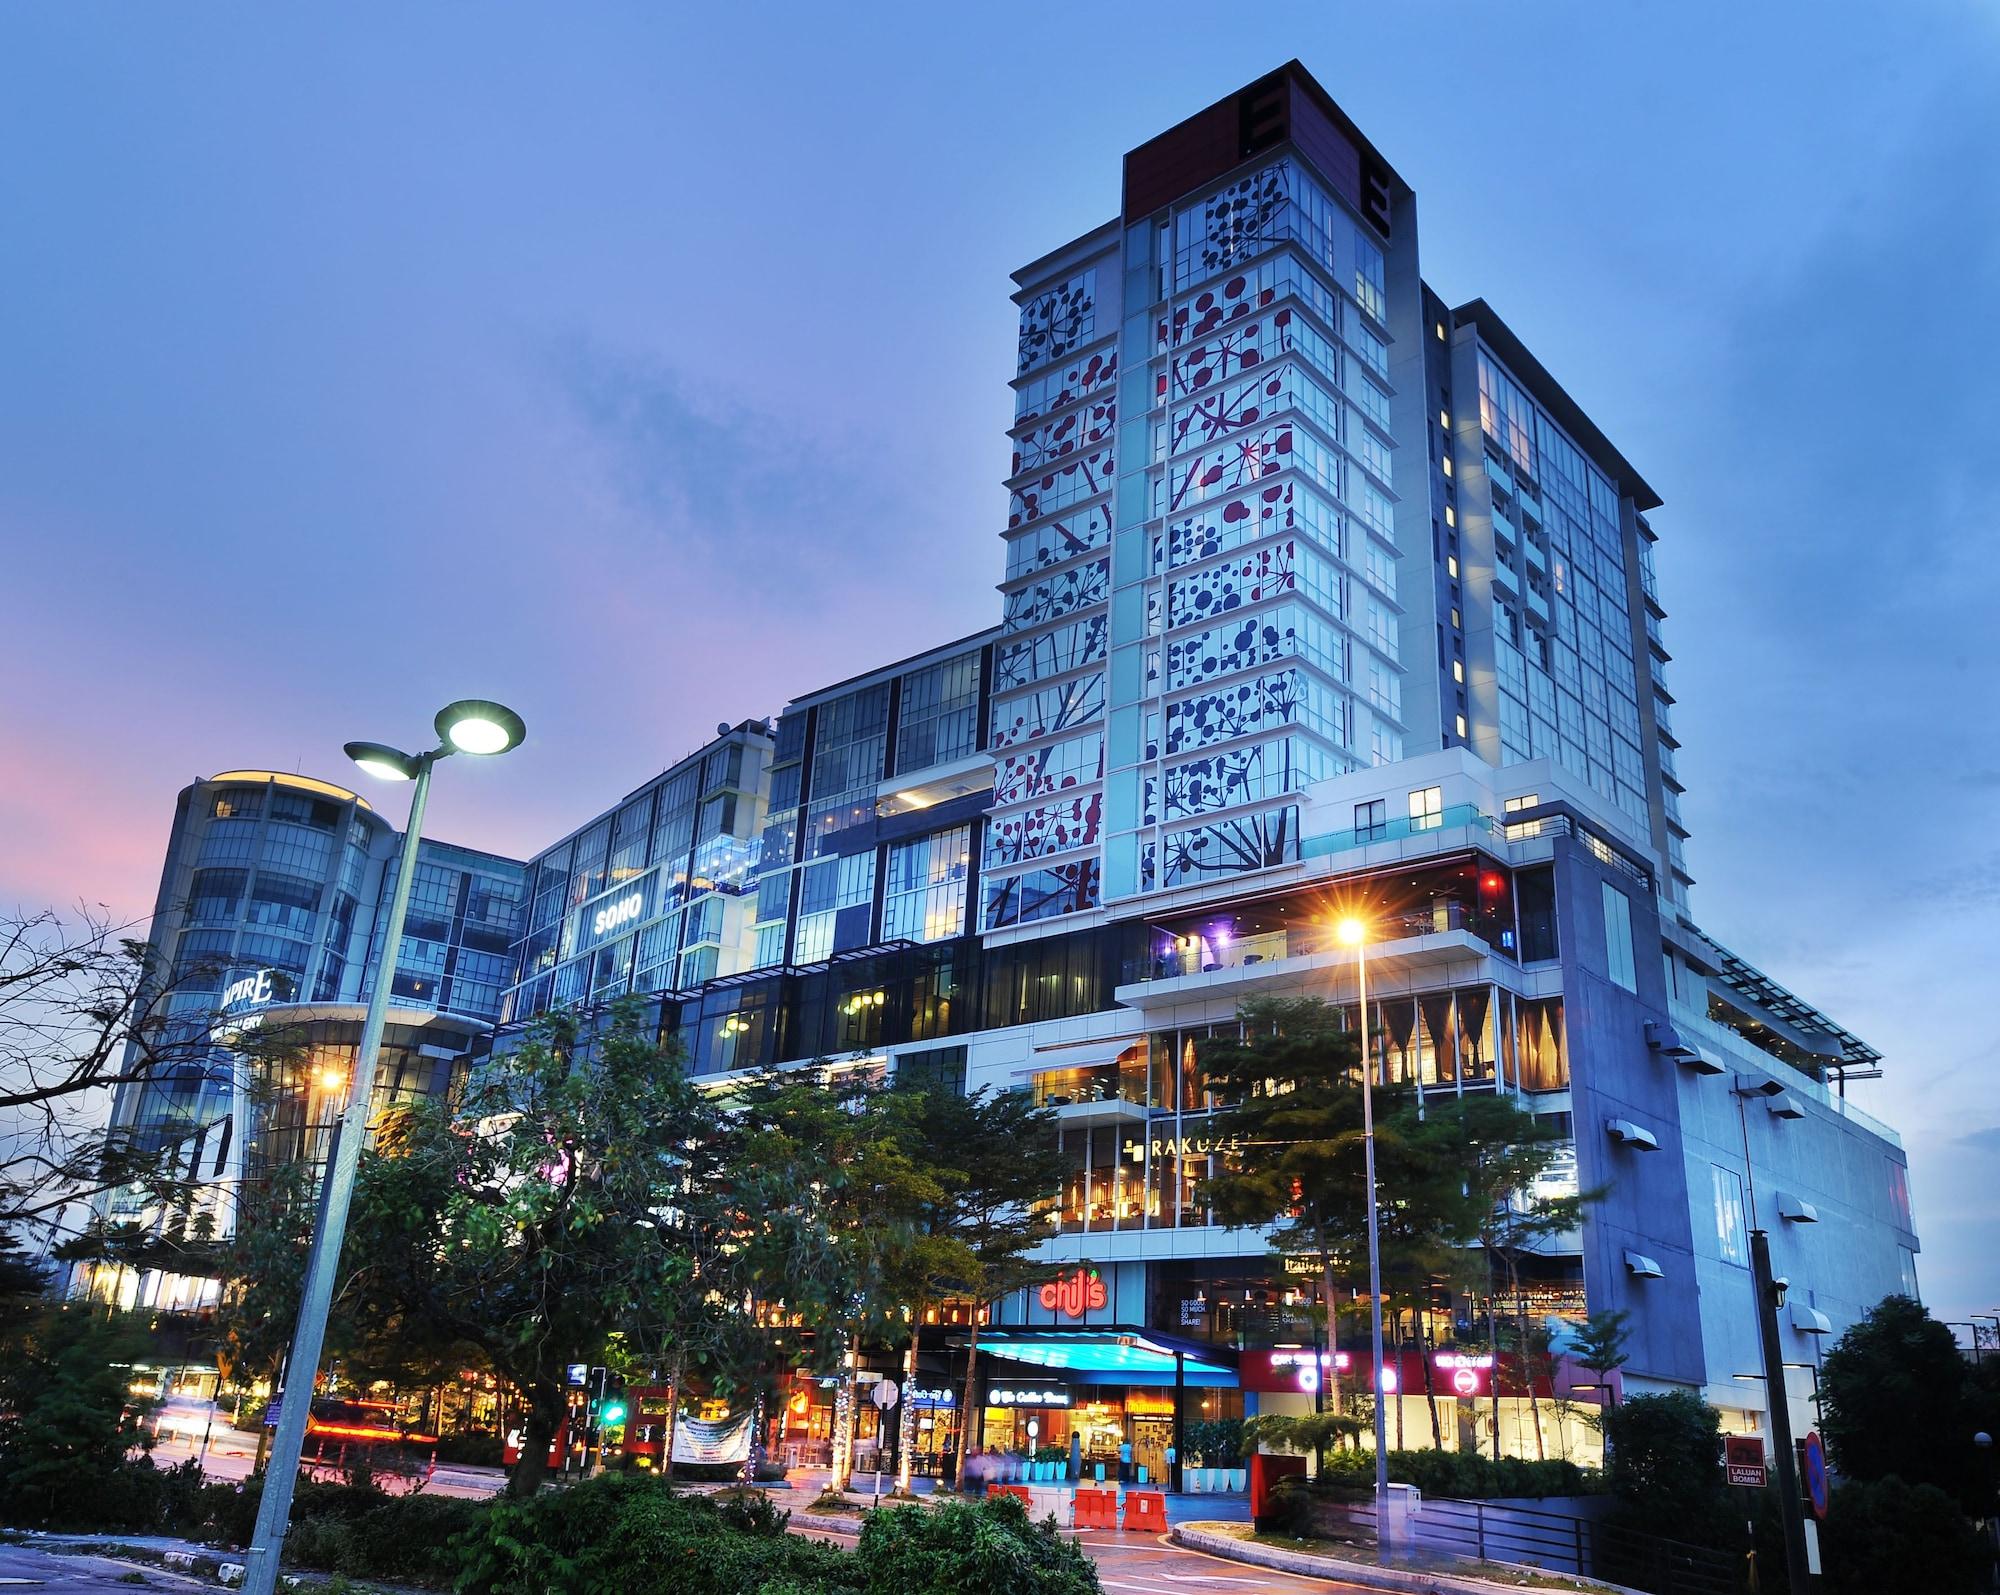 Empire Hotel Subang, Kuala Lumpur